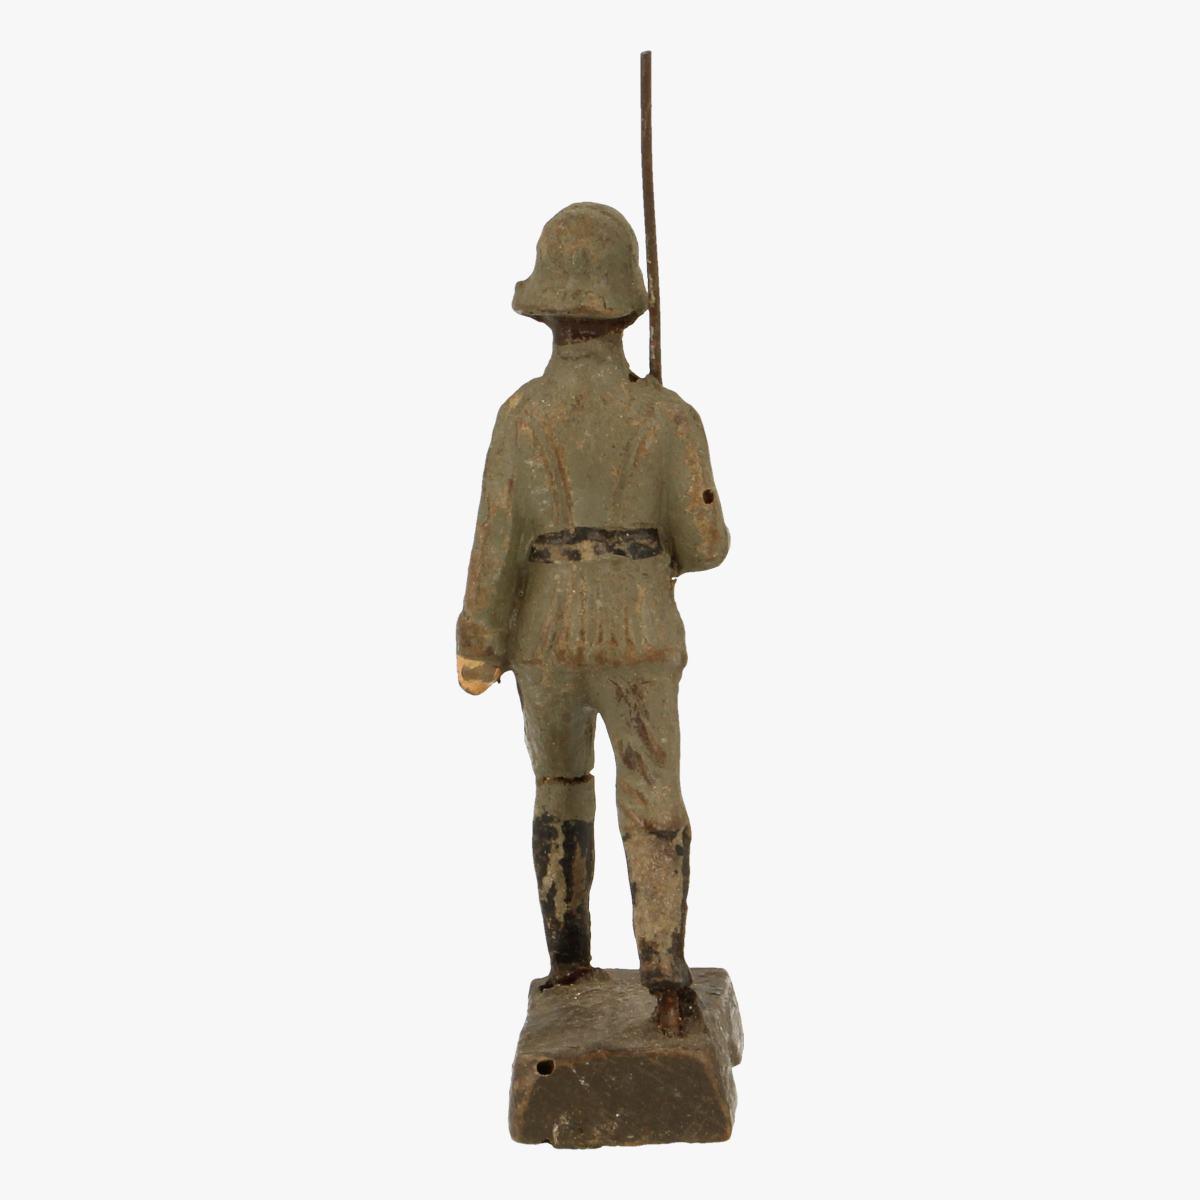 Afbeeldingen van elastolin soldaatje strola Germany